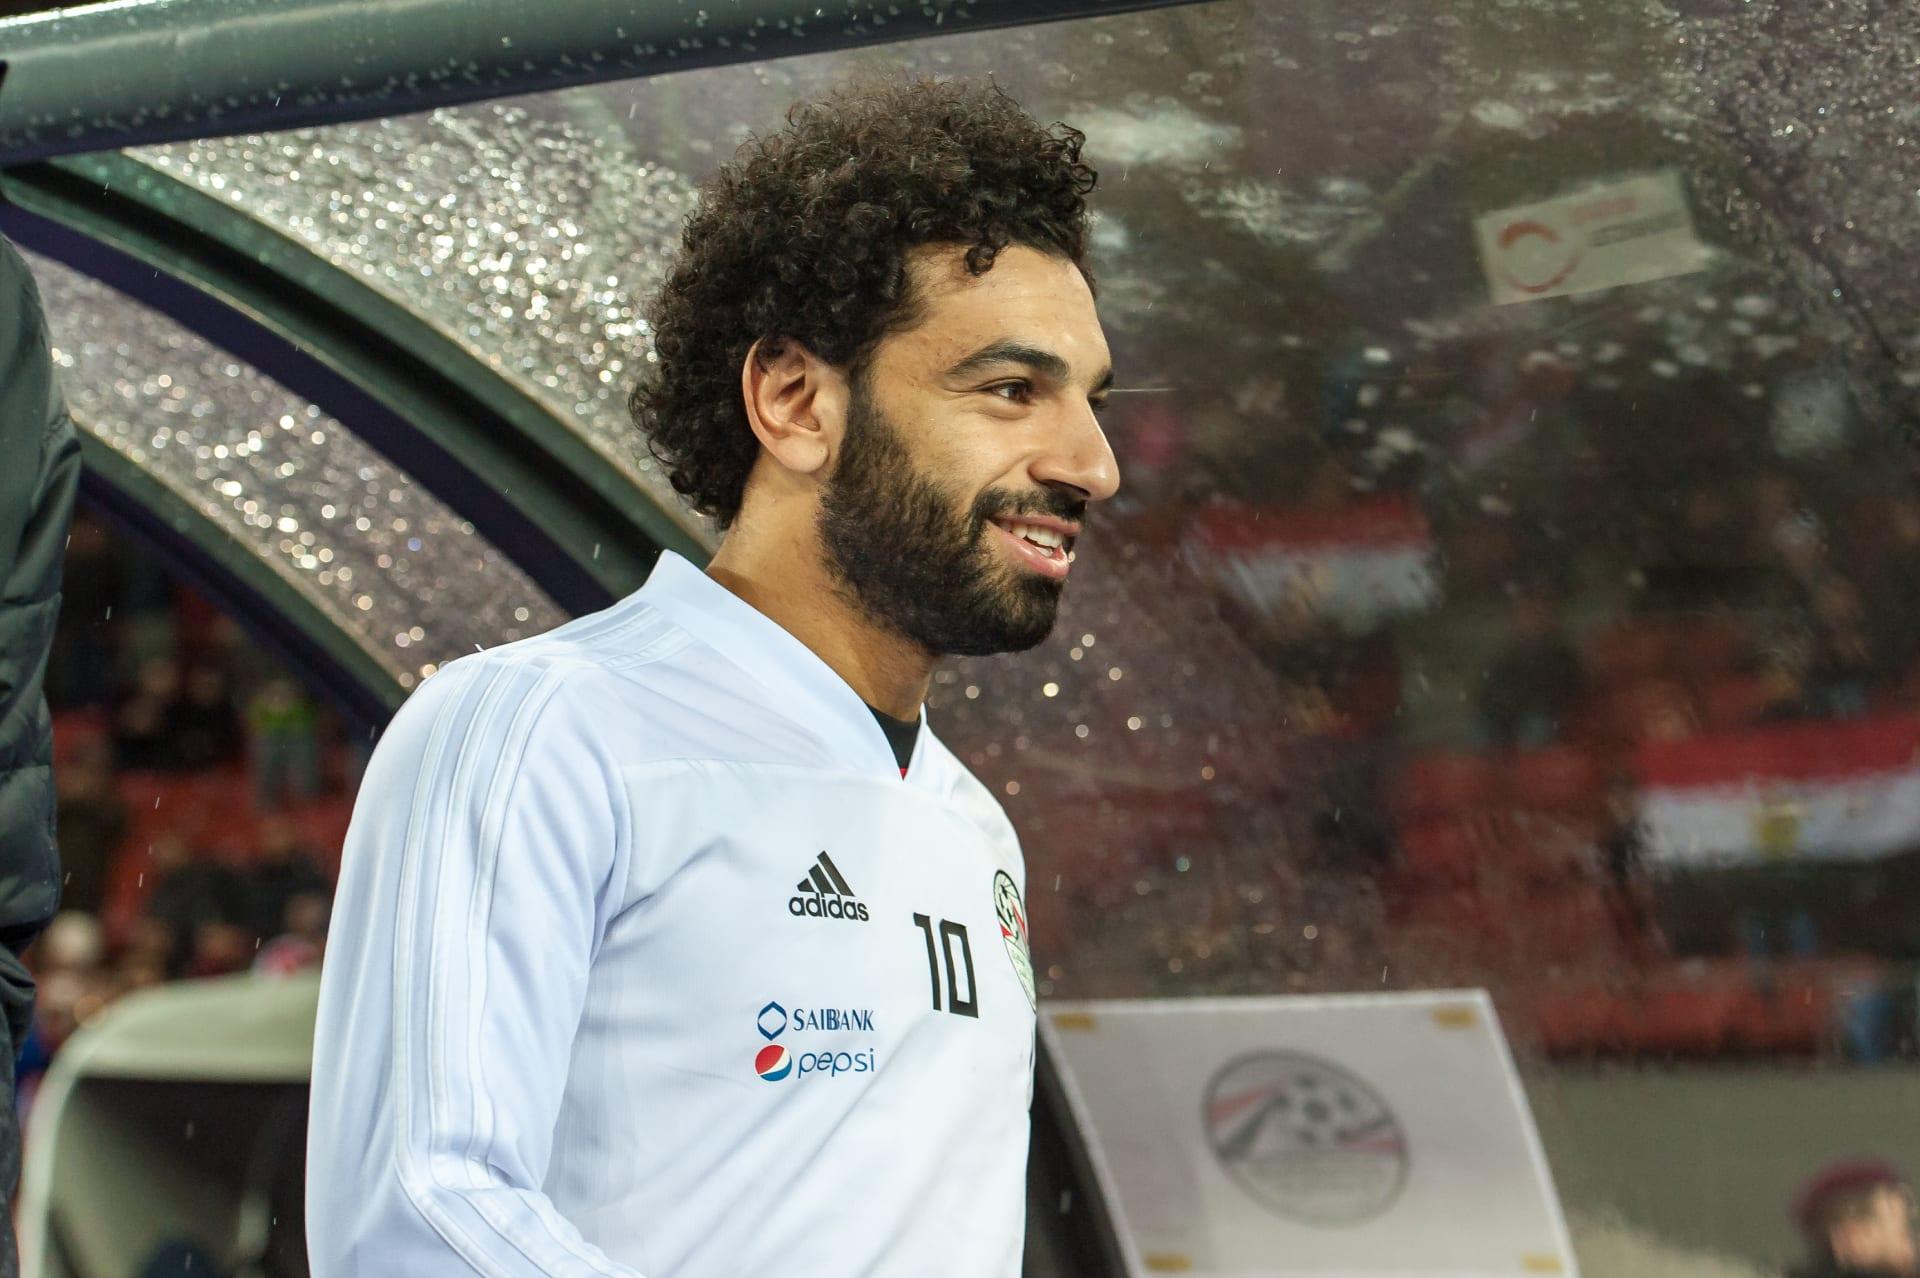 محمد صلاح يفاجئ المشجعين الصغار لليفربول وأحدهم يسأل: هل هذا أنت حقا؟